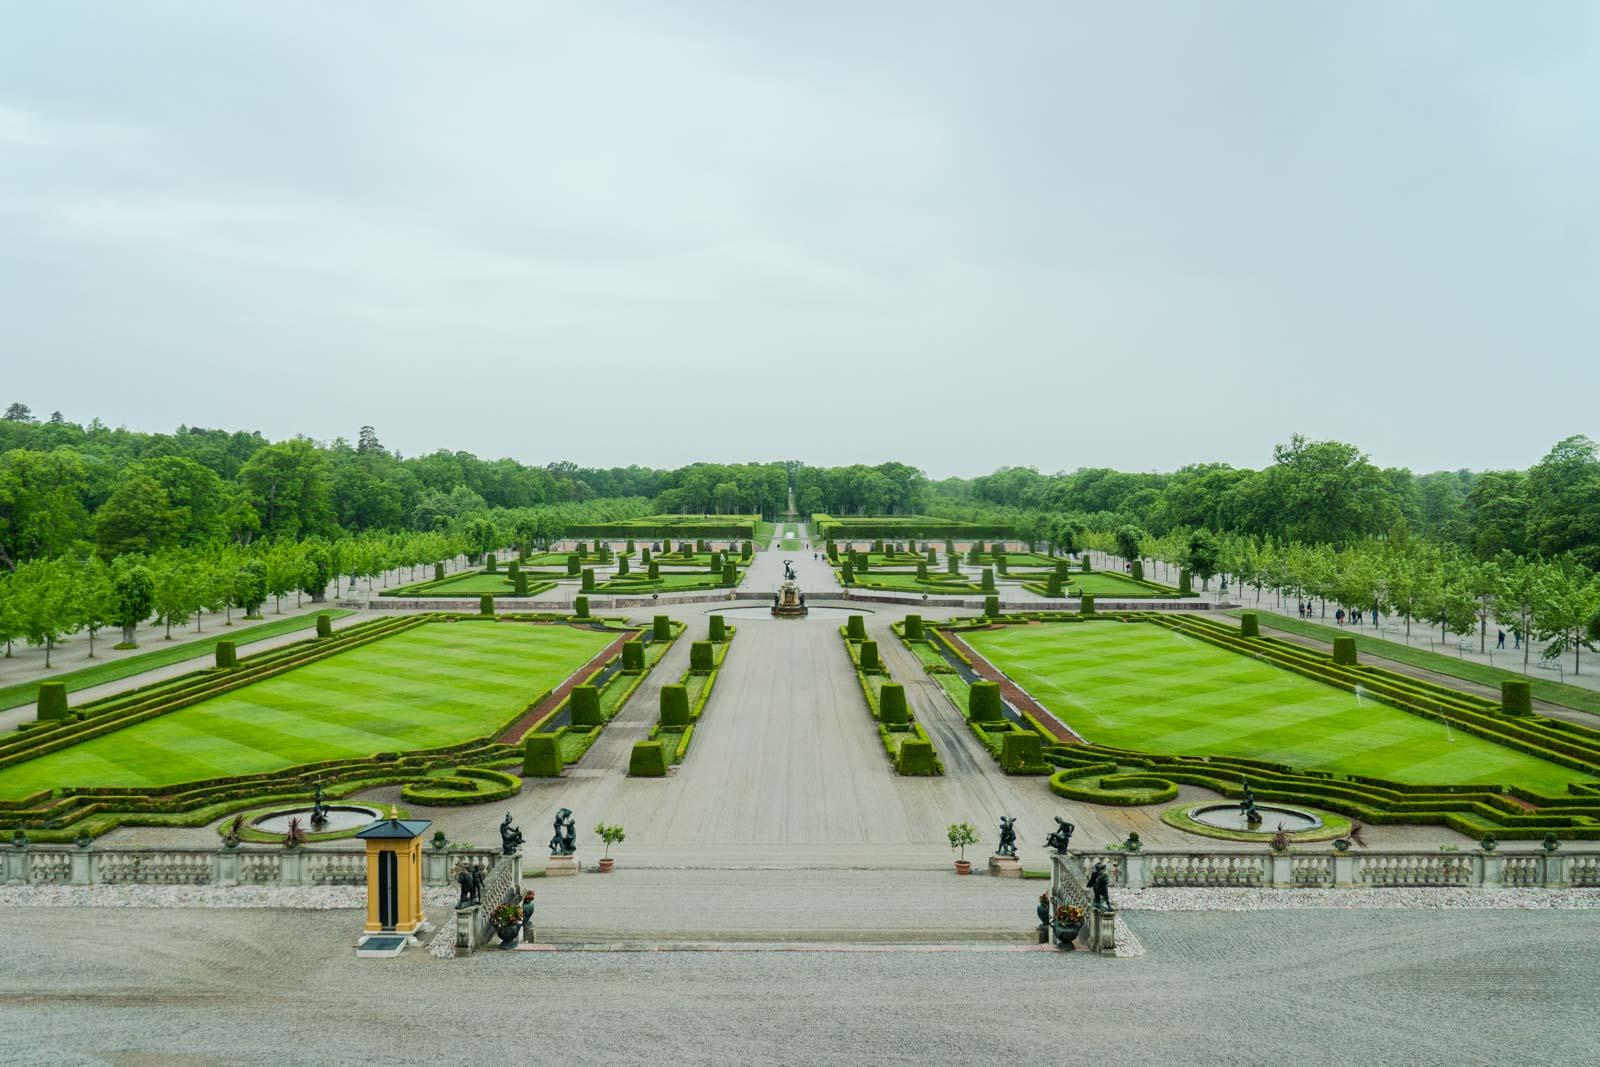 Drottningholm Palace, Stockholm, Sweden